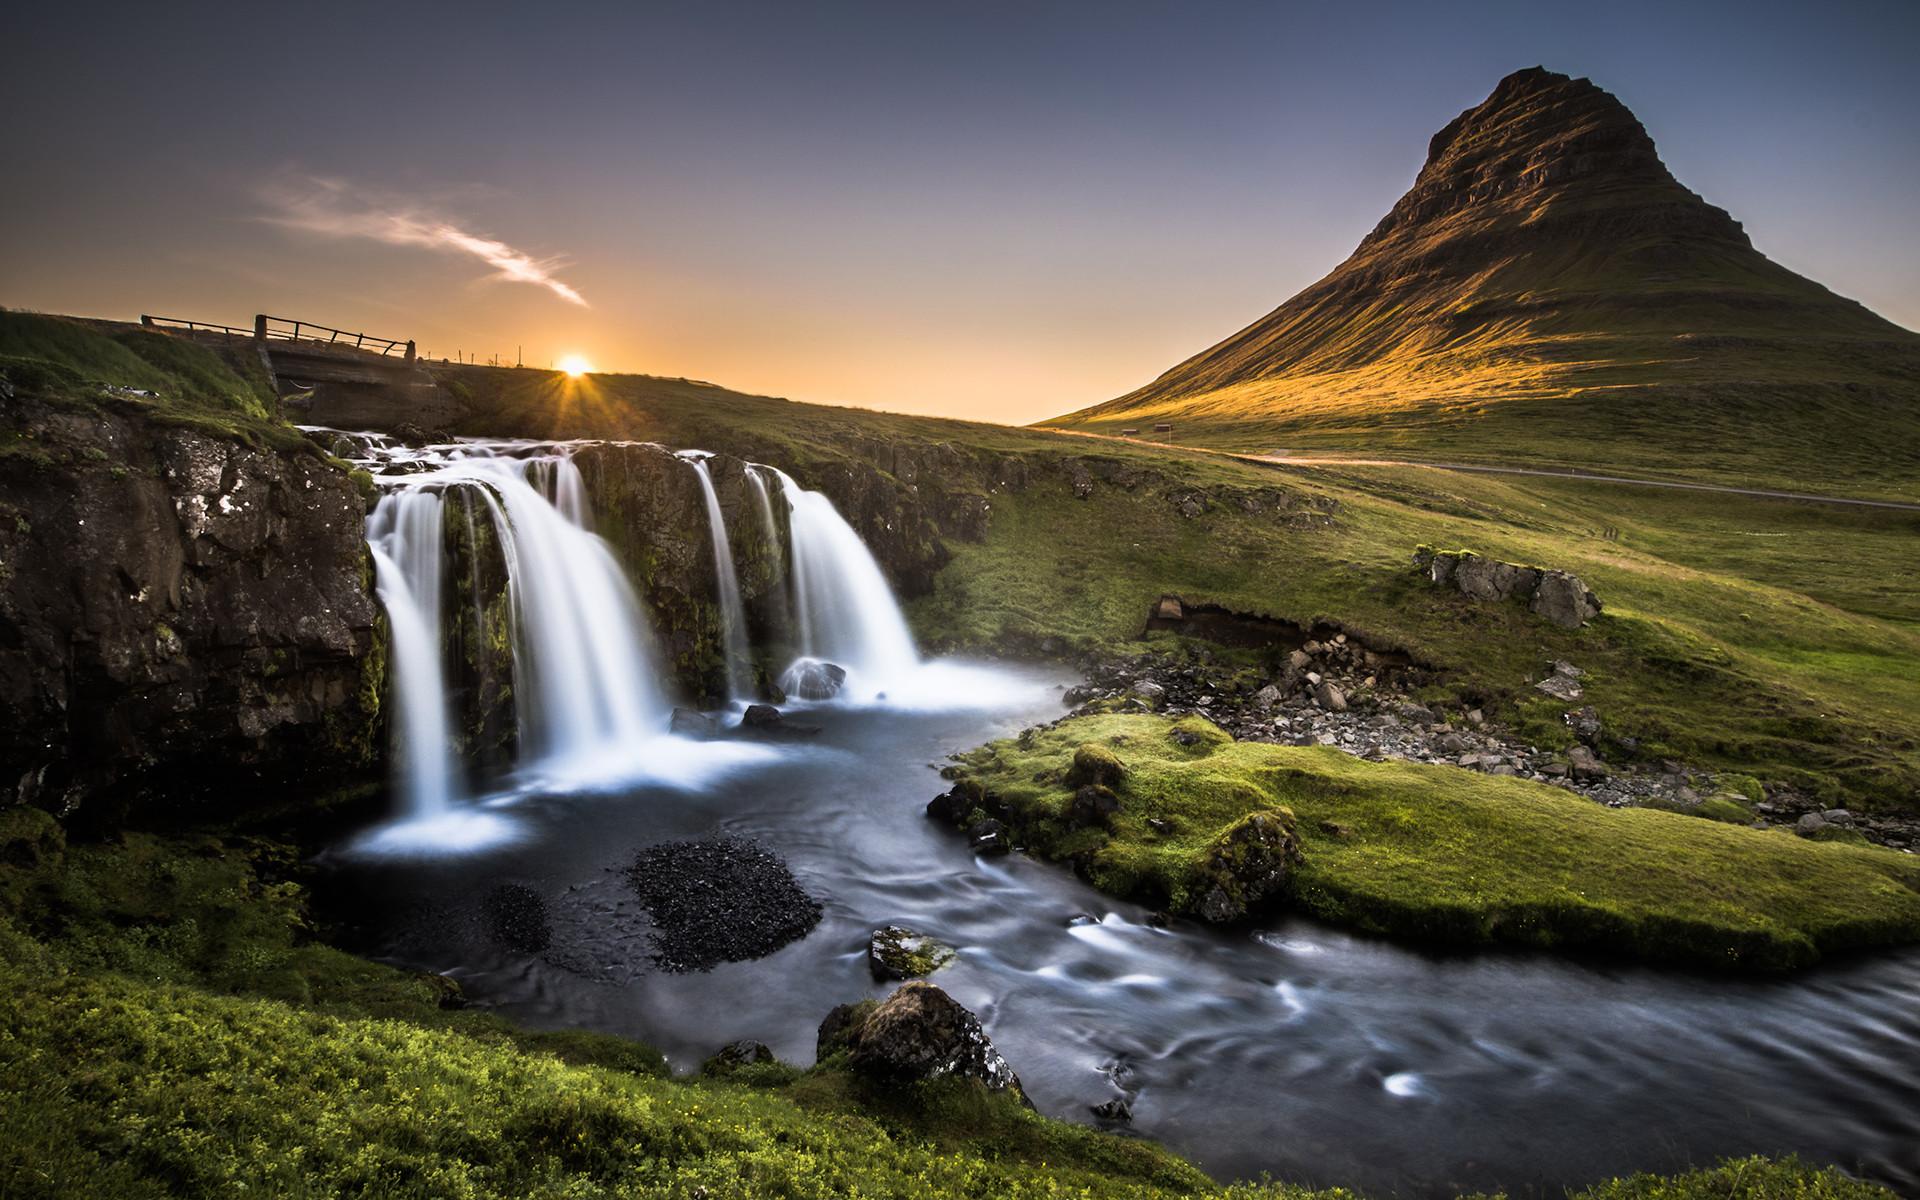 Kirkjufell, Iceland by Andreas Wonisch – Desktop Wallpaper